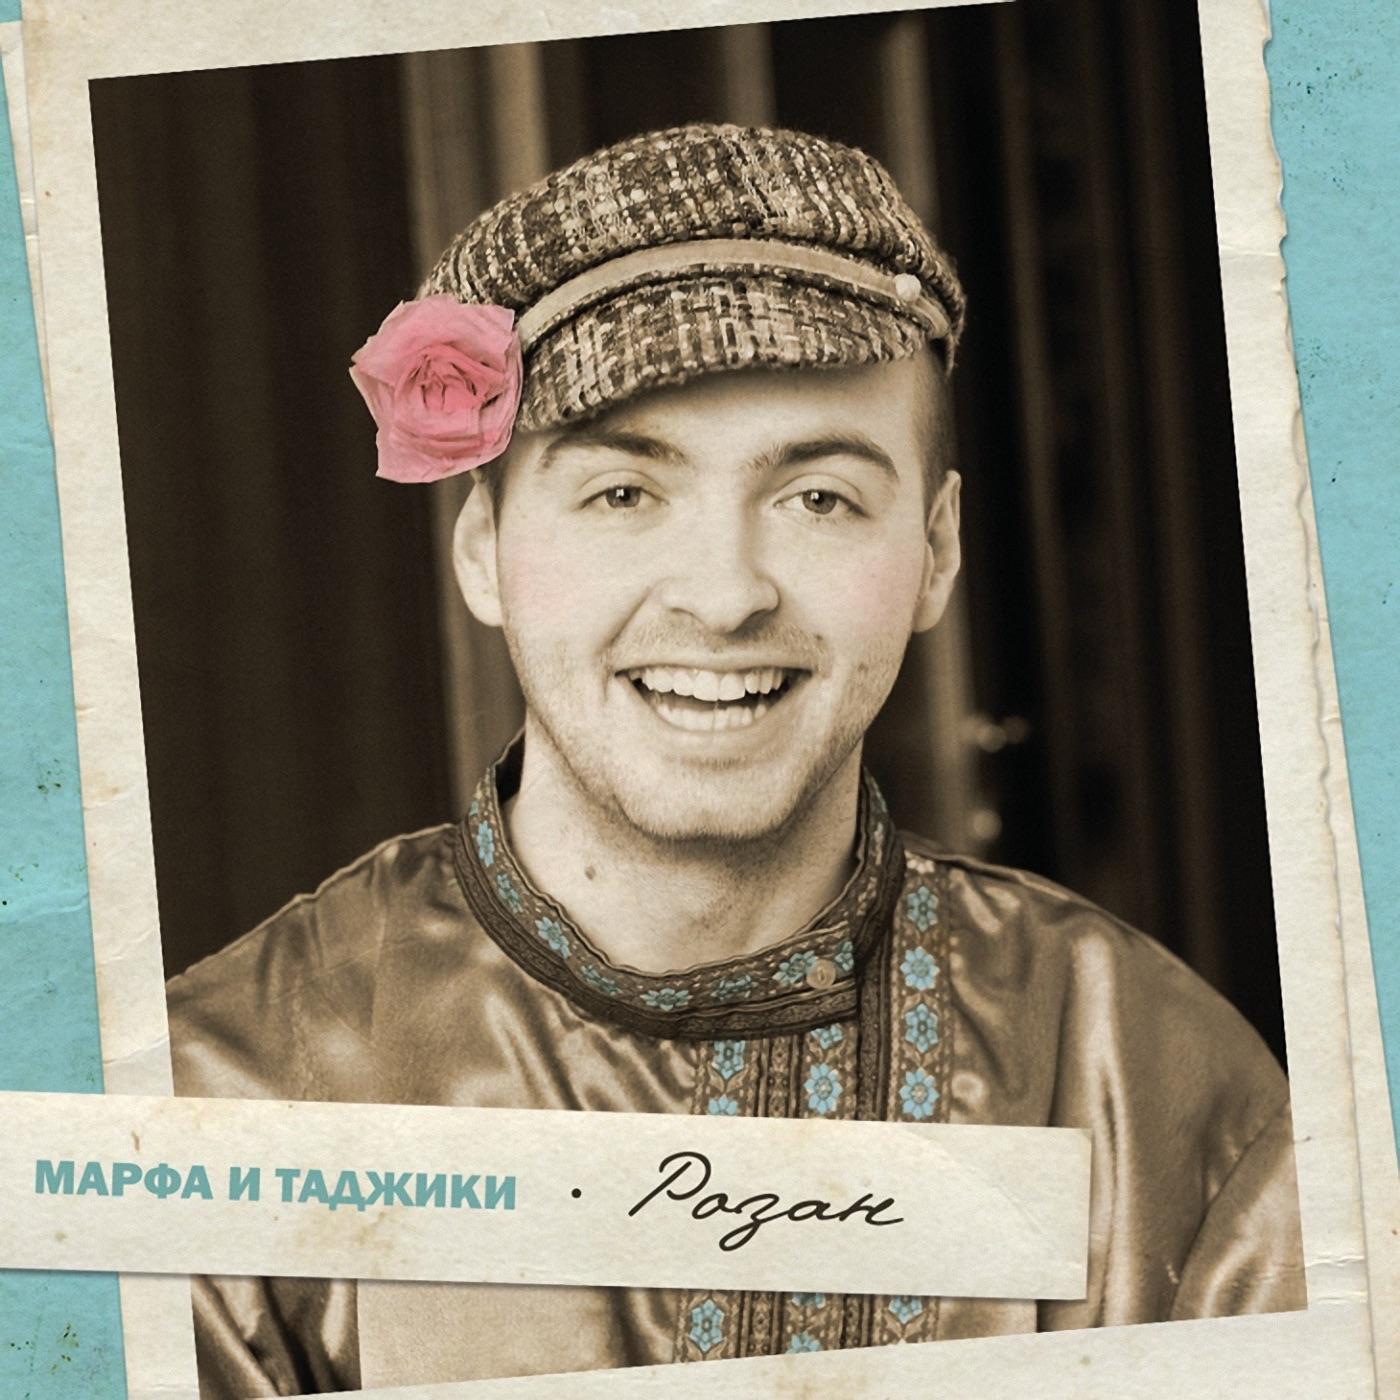 Таджик бесплатно без регистрации 14 фотография